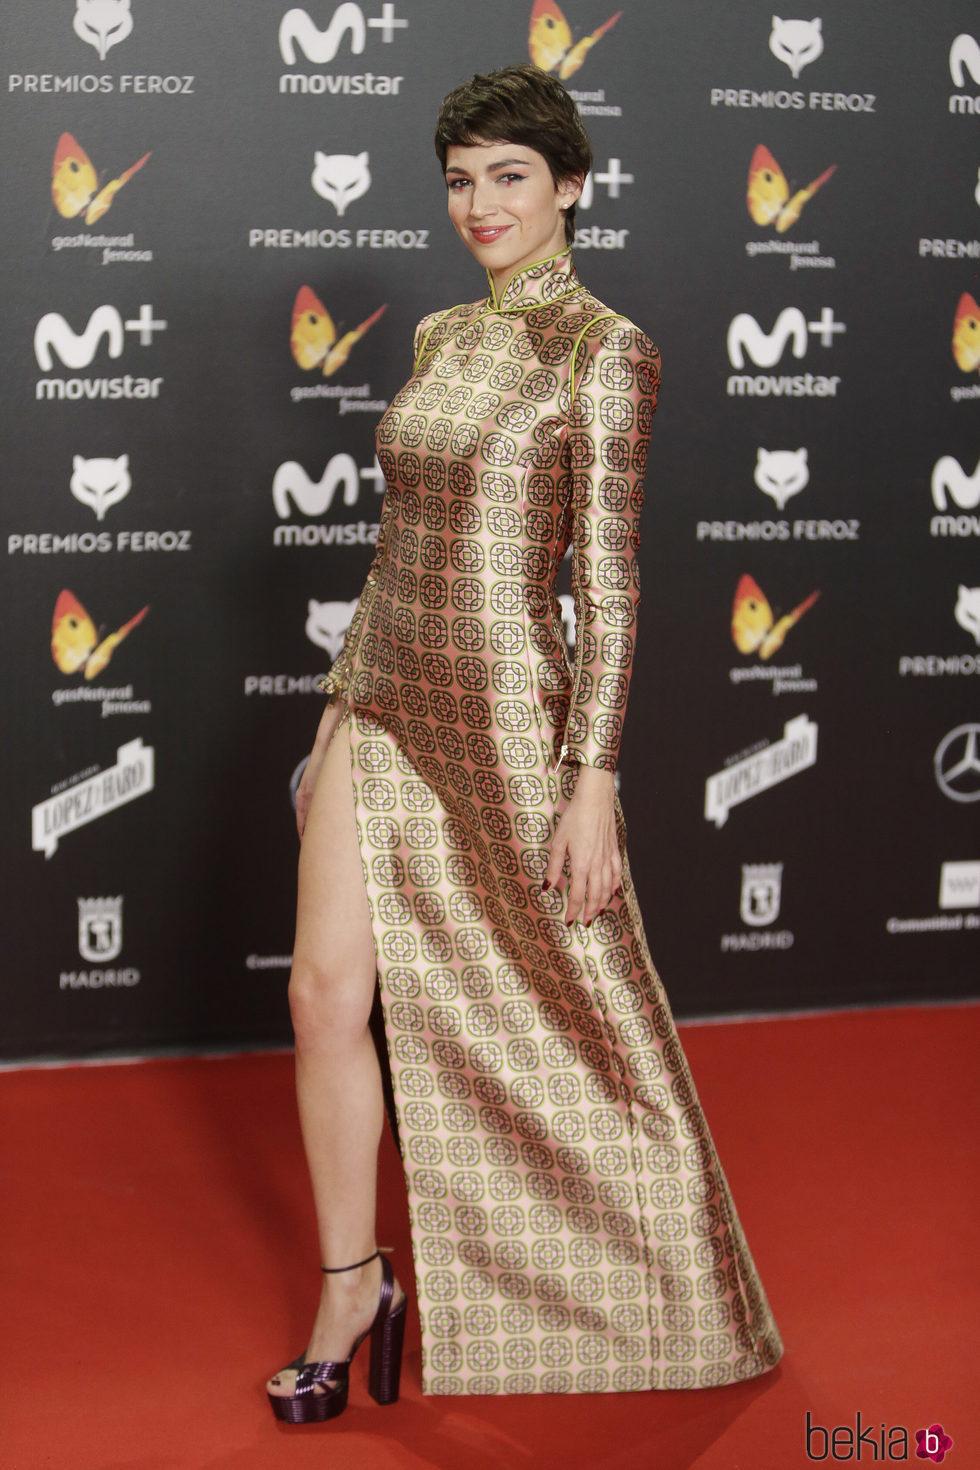 Úrsula Corberó en la alfombra roja de los Premios Feroz 2018